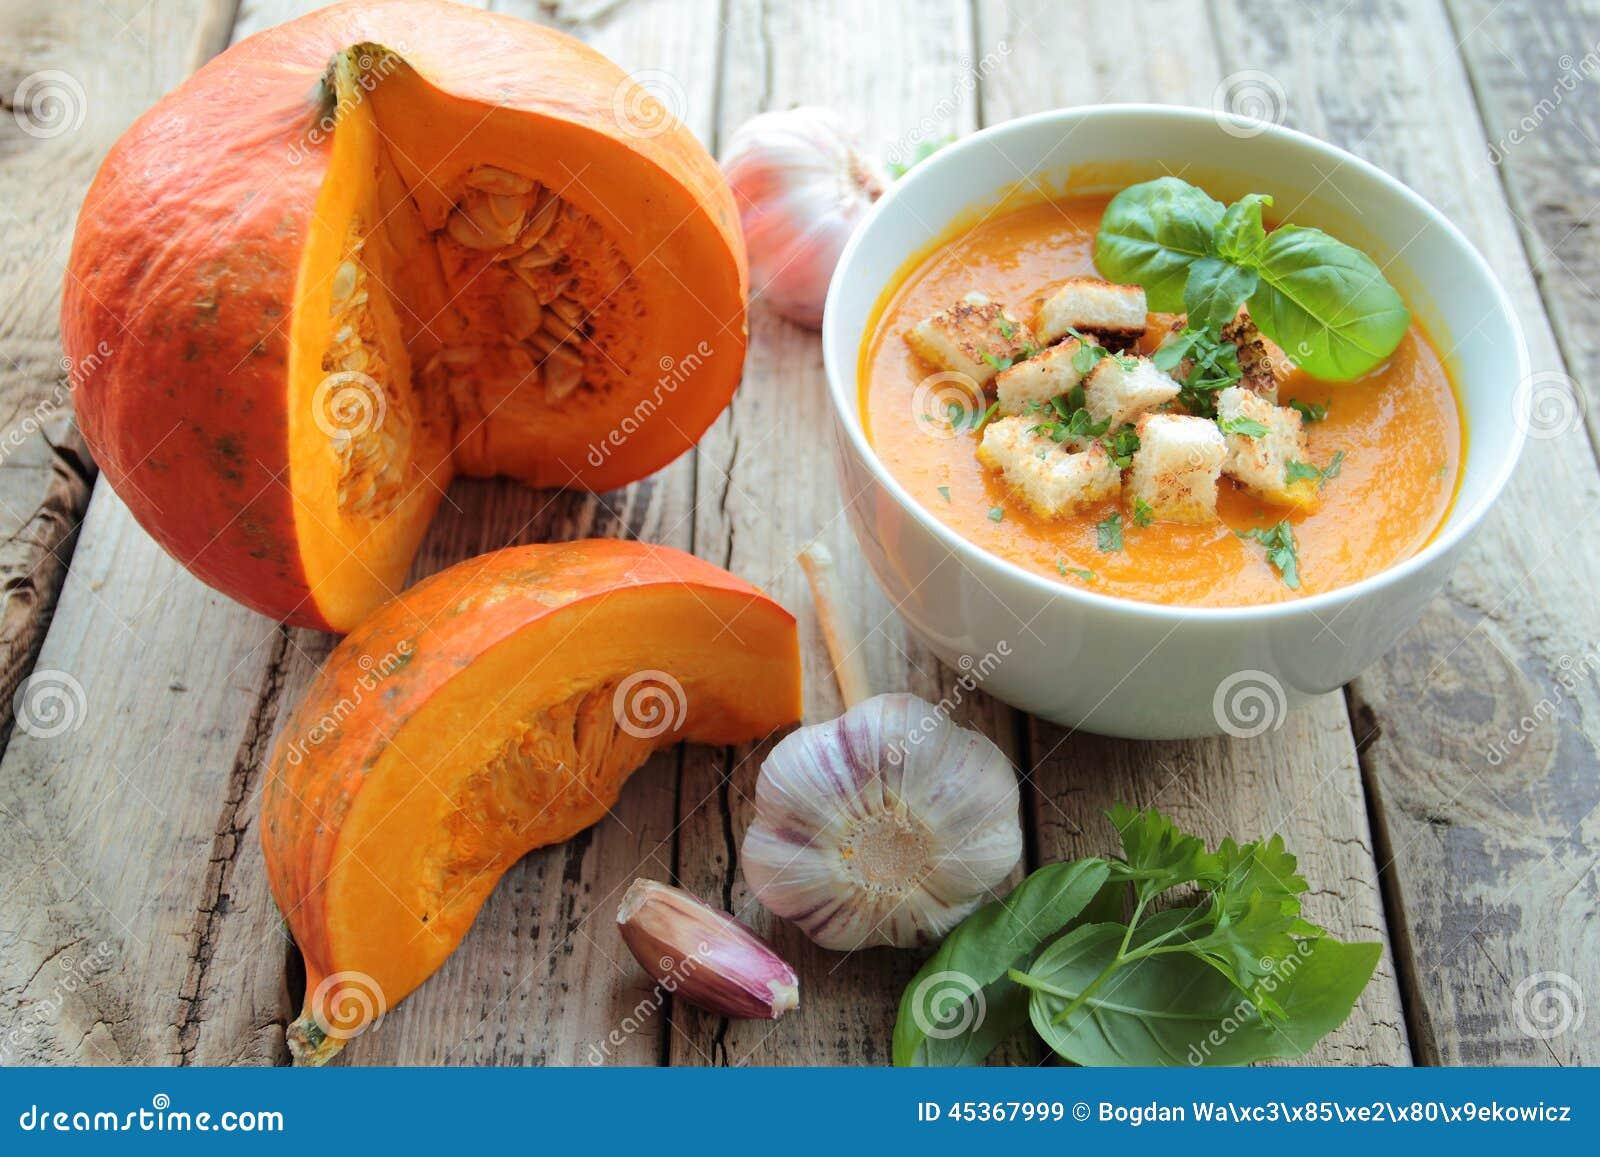 Potirons et soupe à potiron